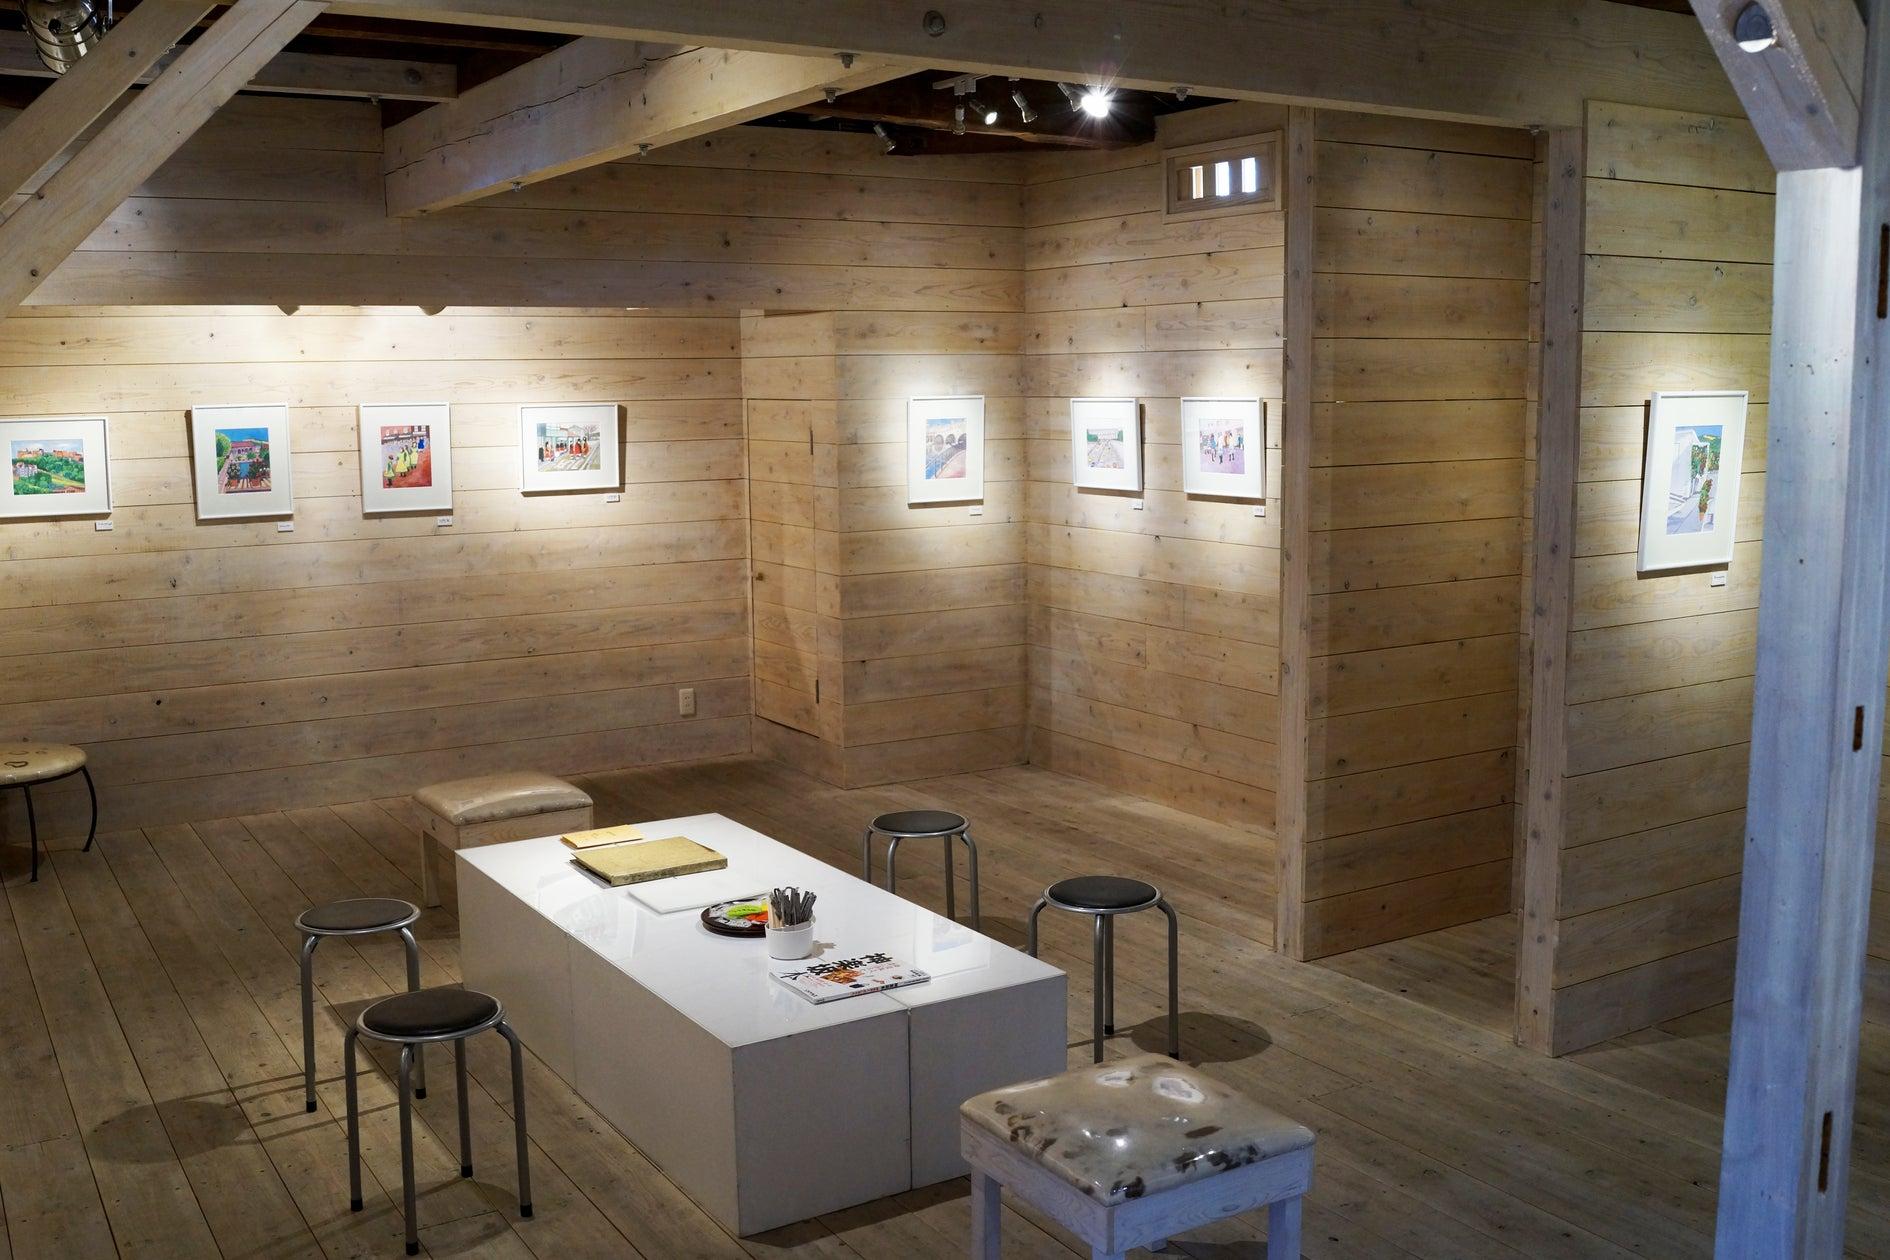 神楽坂の住宅街にある木のぬくもり溢れるスペースです! 展覧会・ワークショップ、会議等にご使用いただけます。(スペースAOM) の写真0